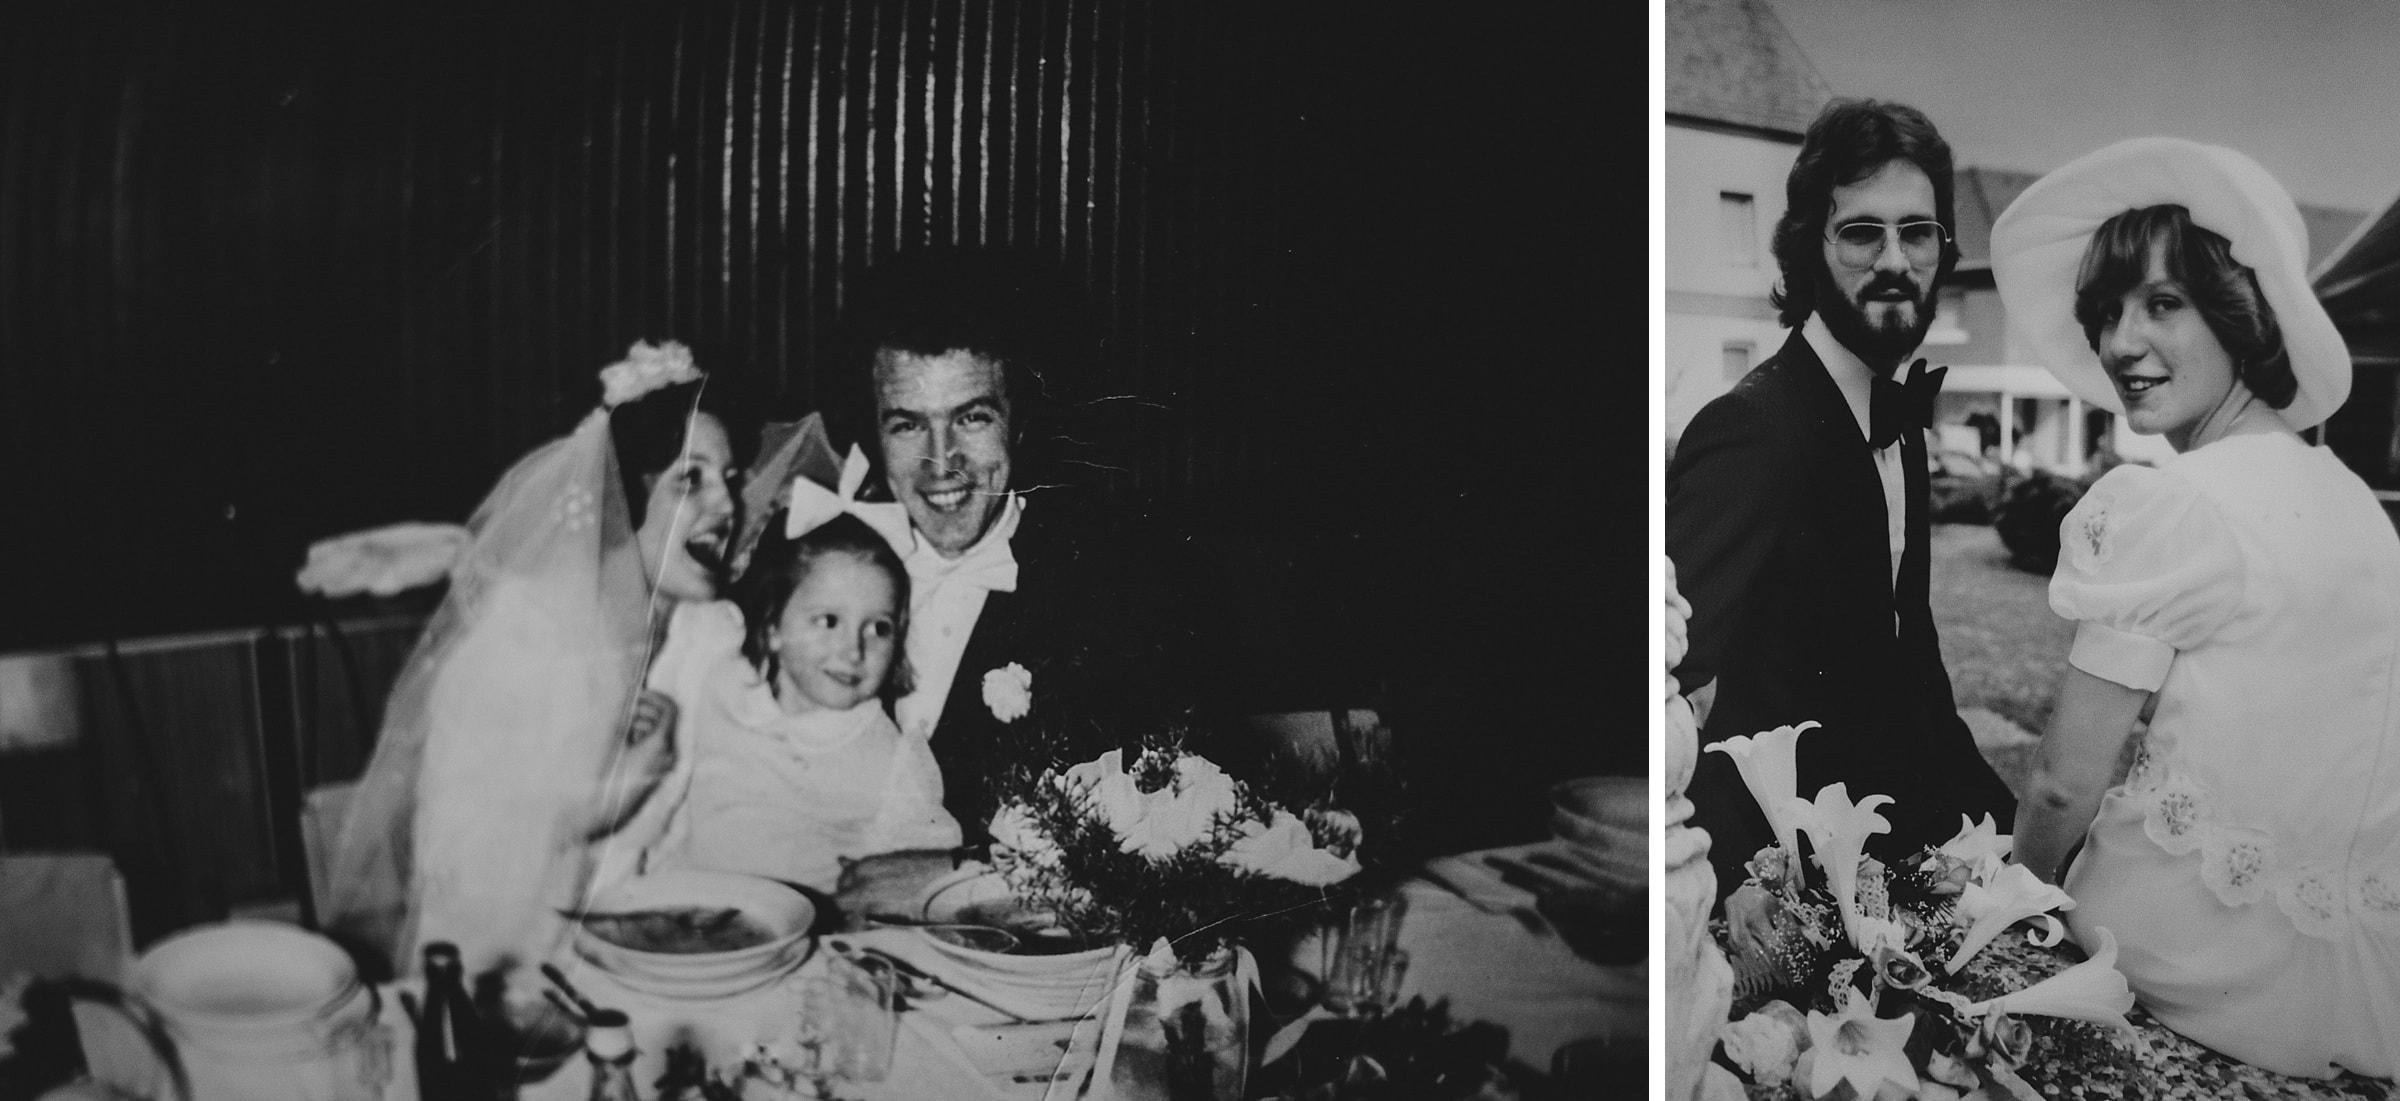 Hochzeitsfotografie Hamburg-Frau-Siemers-Gut Basthorst- Bilder der Eltern con damals